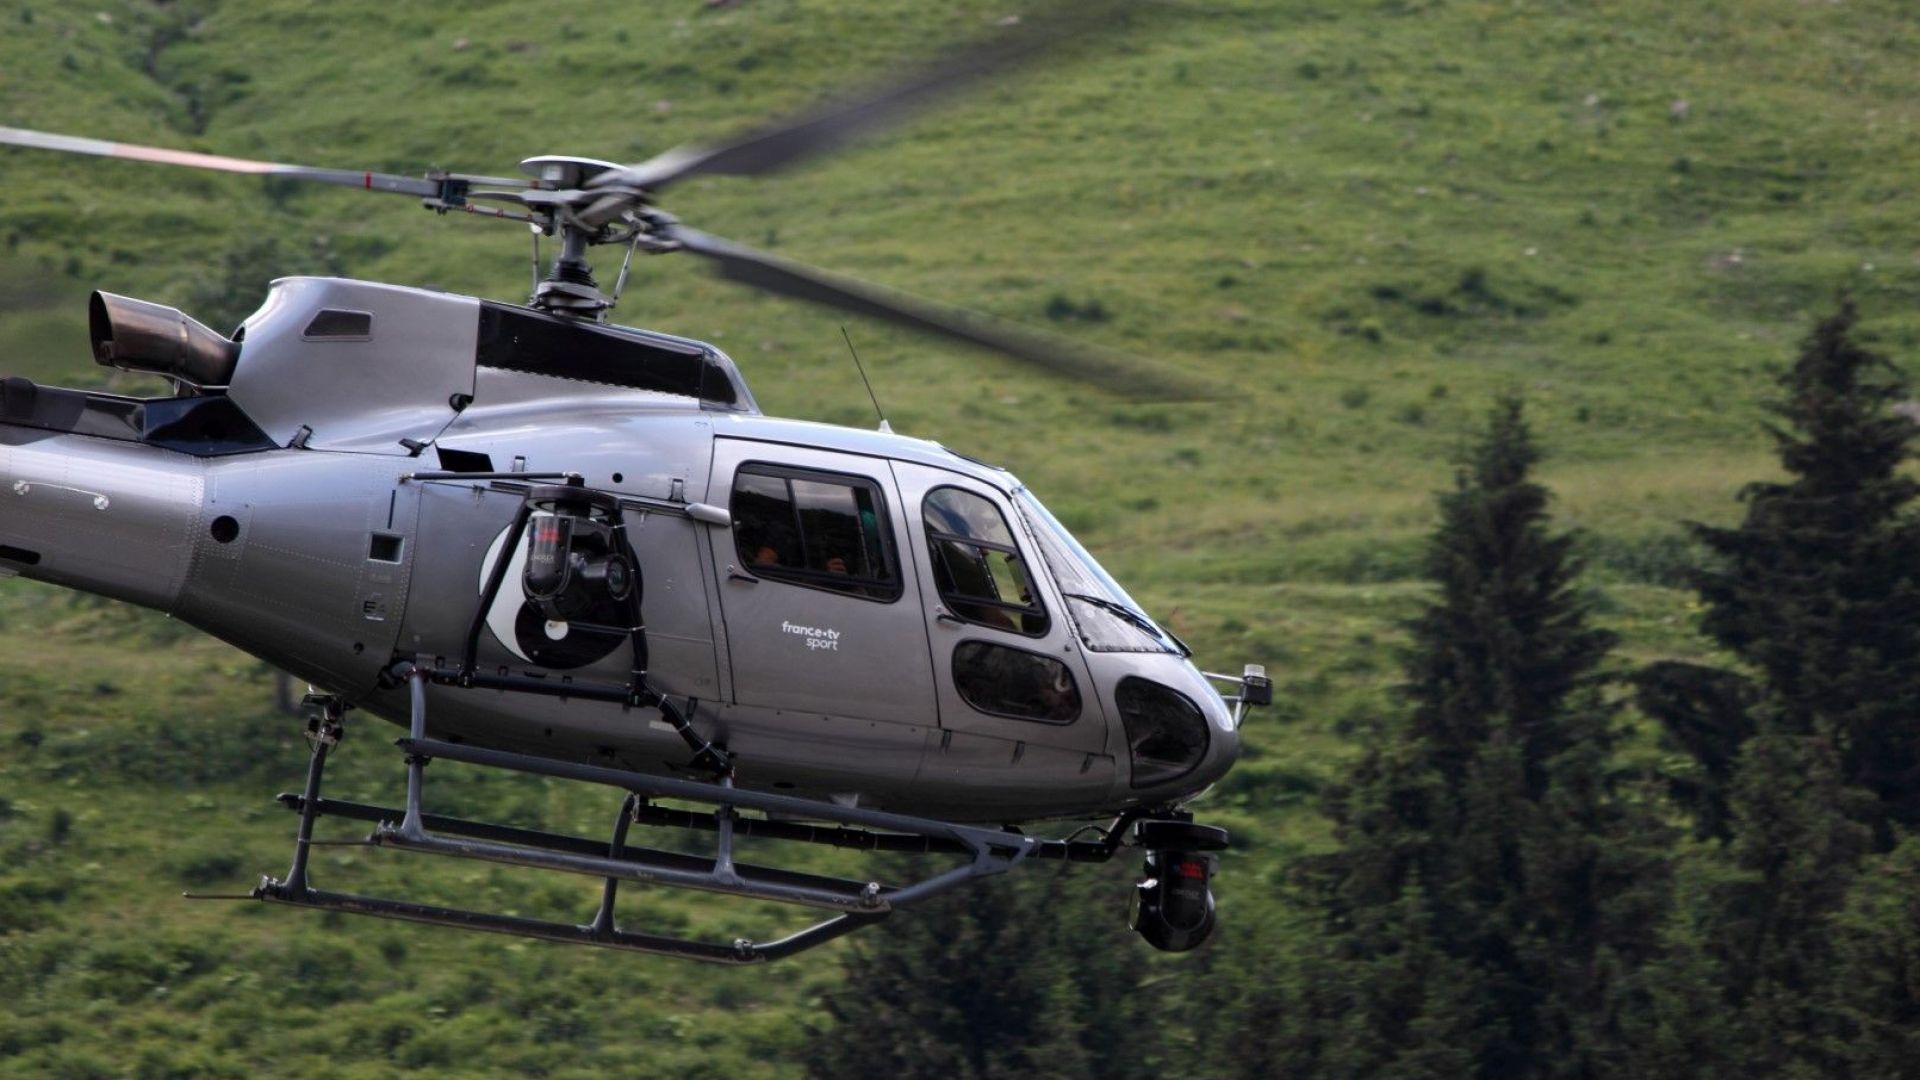 Евакуираха с хеликоптери 750 къмпингари заради порой във Франция